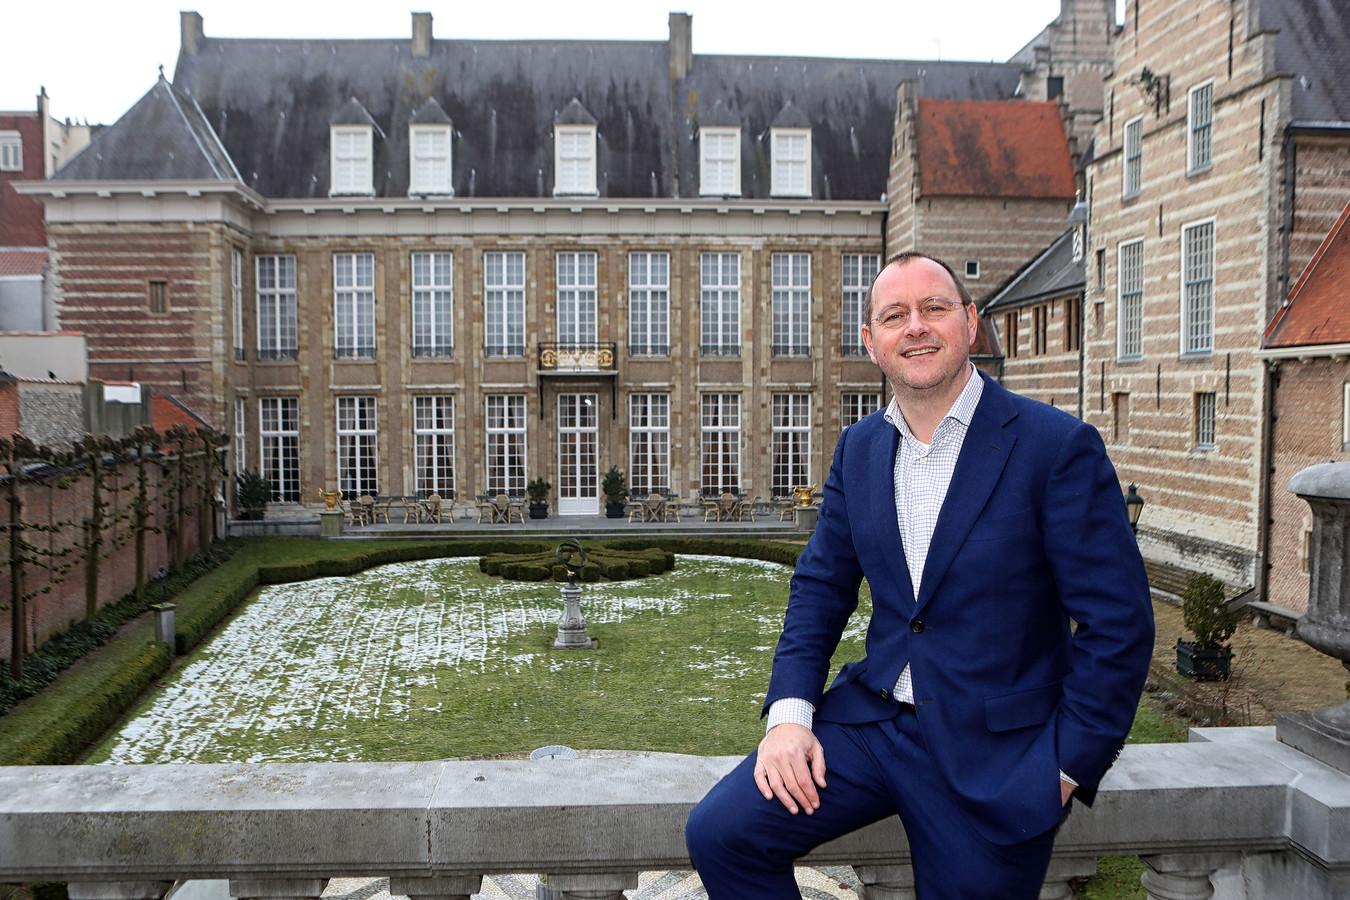 Bergen op Zoom - 18/01/17 - Arjan van der Weegen poseert in de Franse tuin van het Markiezenhof